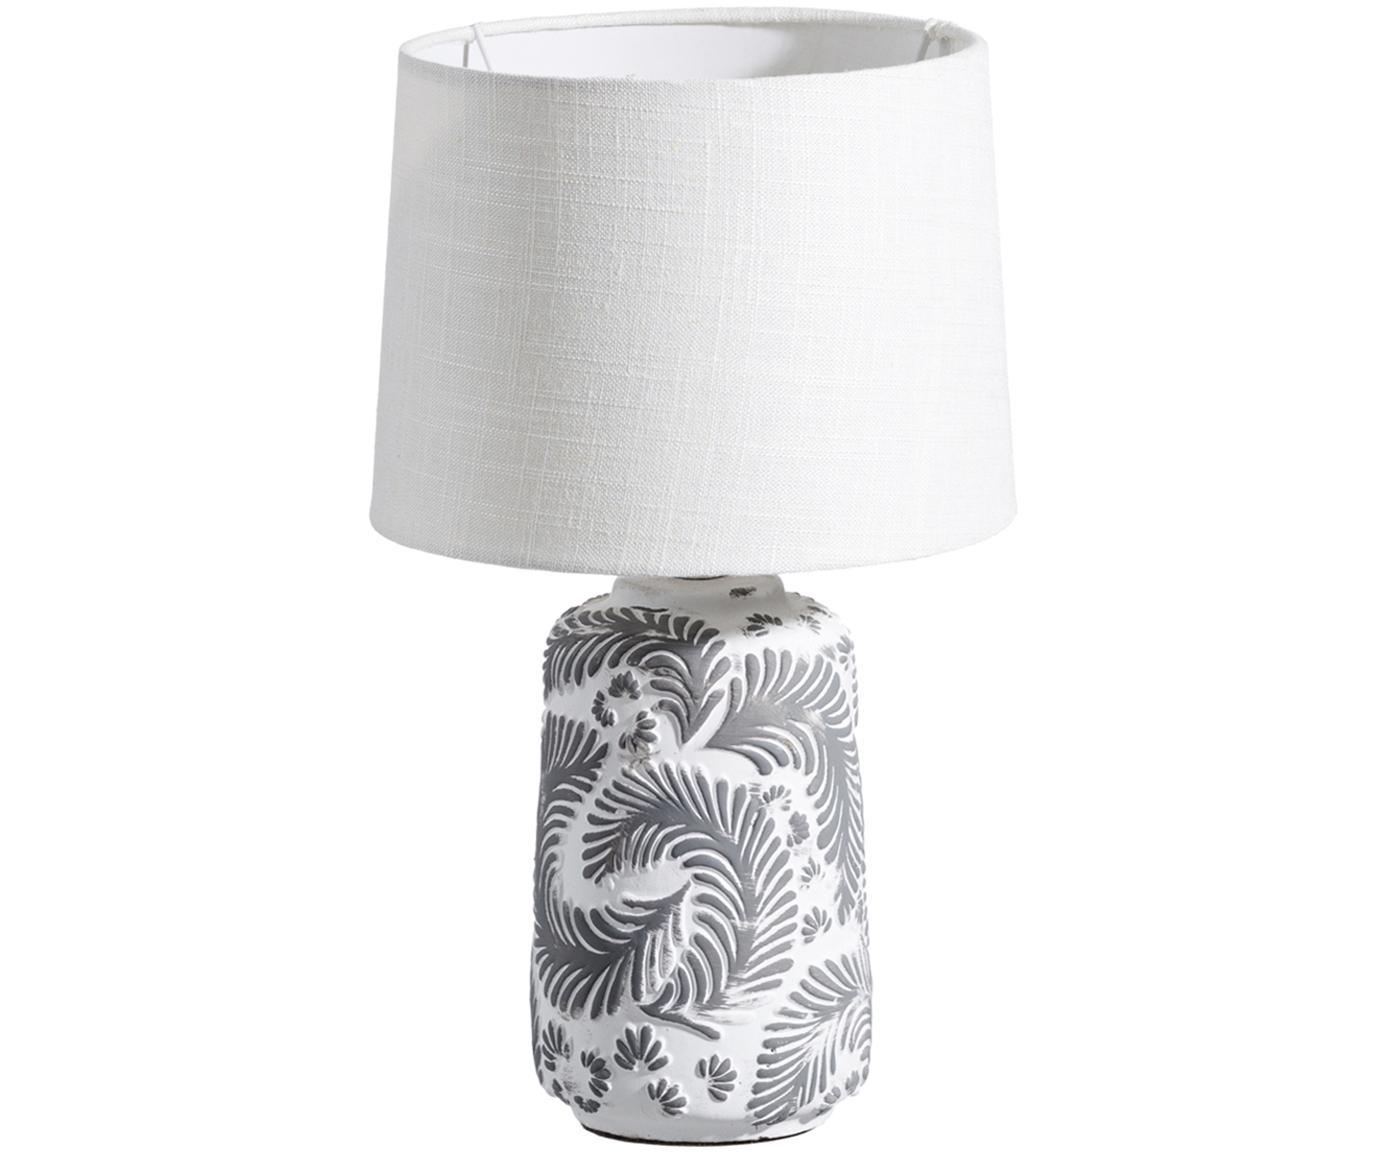 Tischleuchte Folk, Lampenschirm: Textil, Lampenfuß: Keramik, Weiß, Grau, Ø 23 x H 38 cm